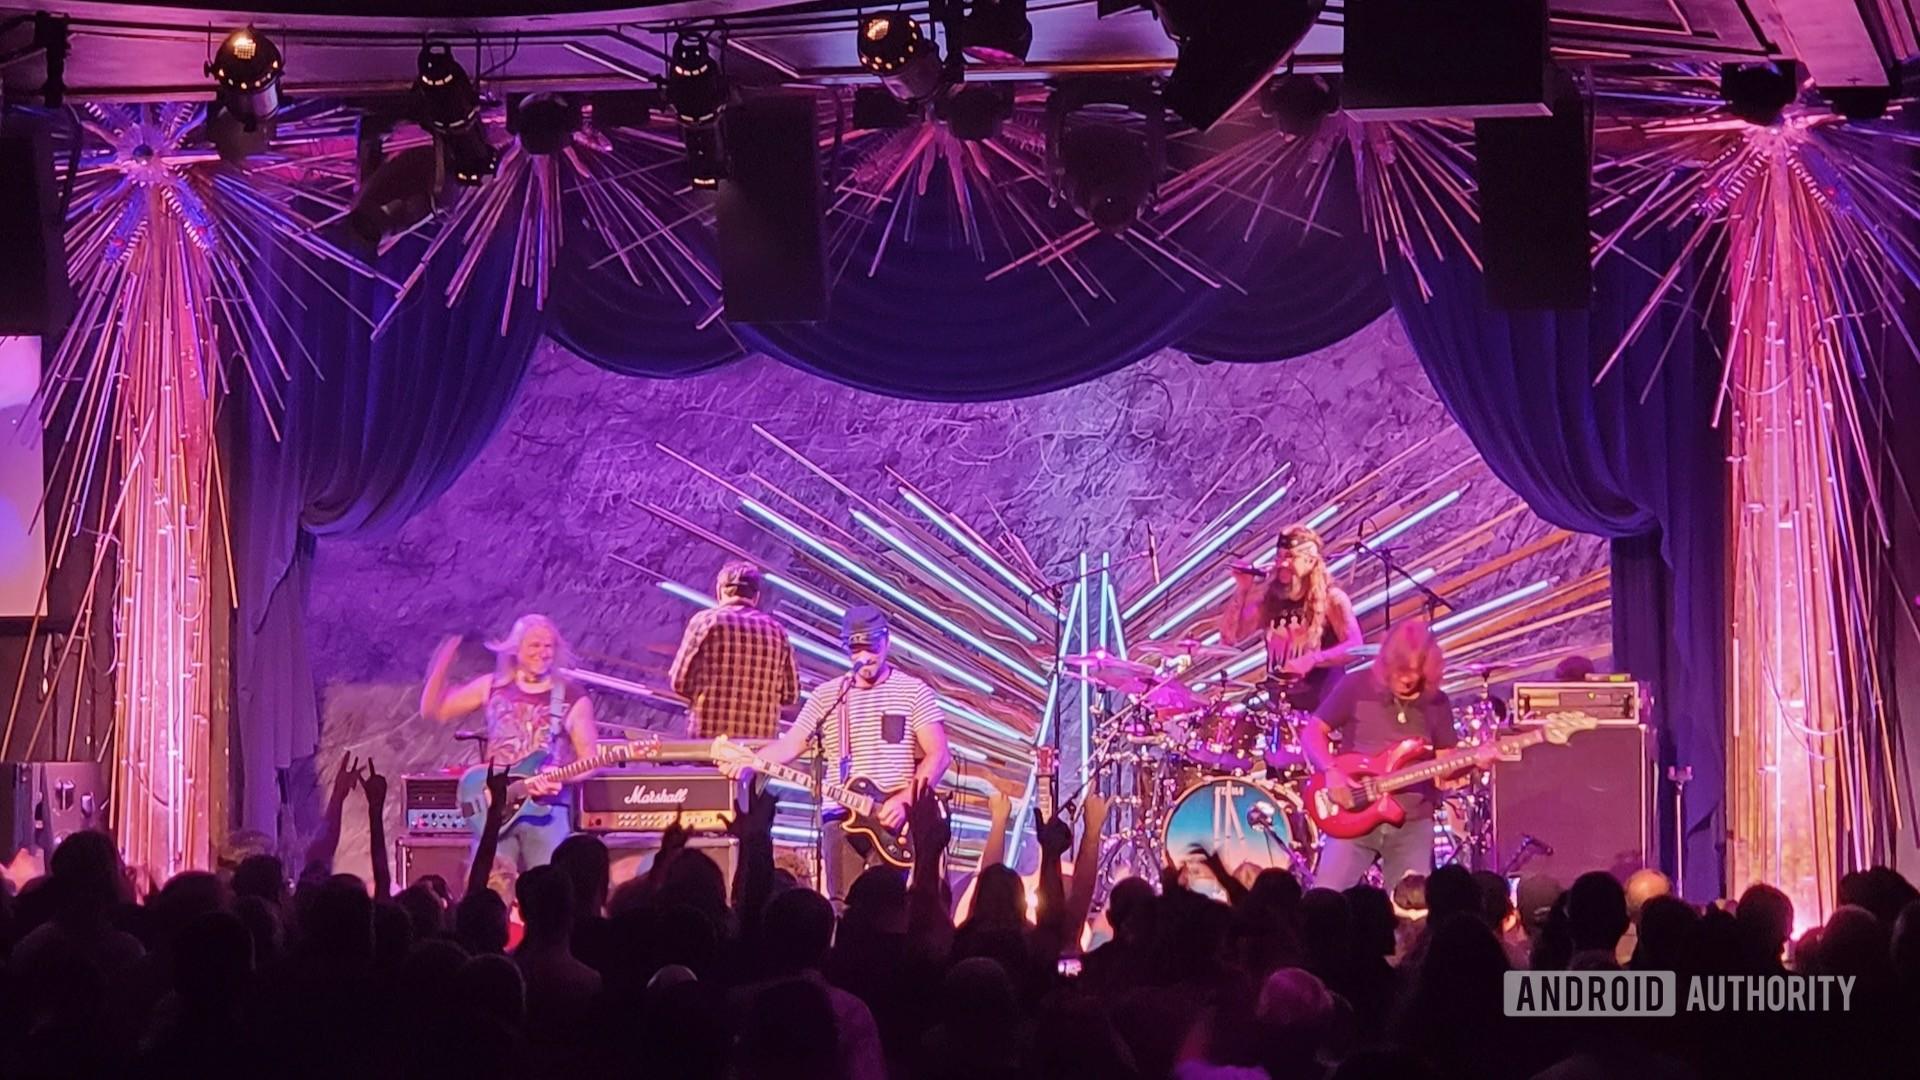 2x optical zoom indoor concert flying colors